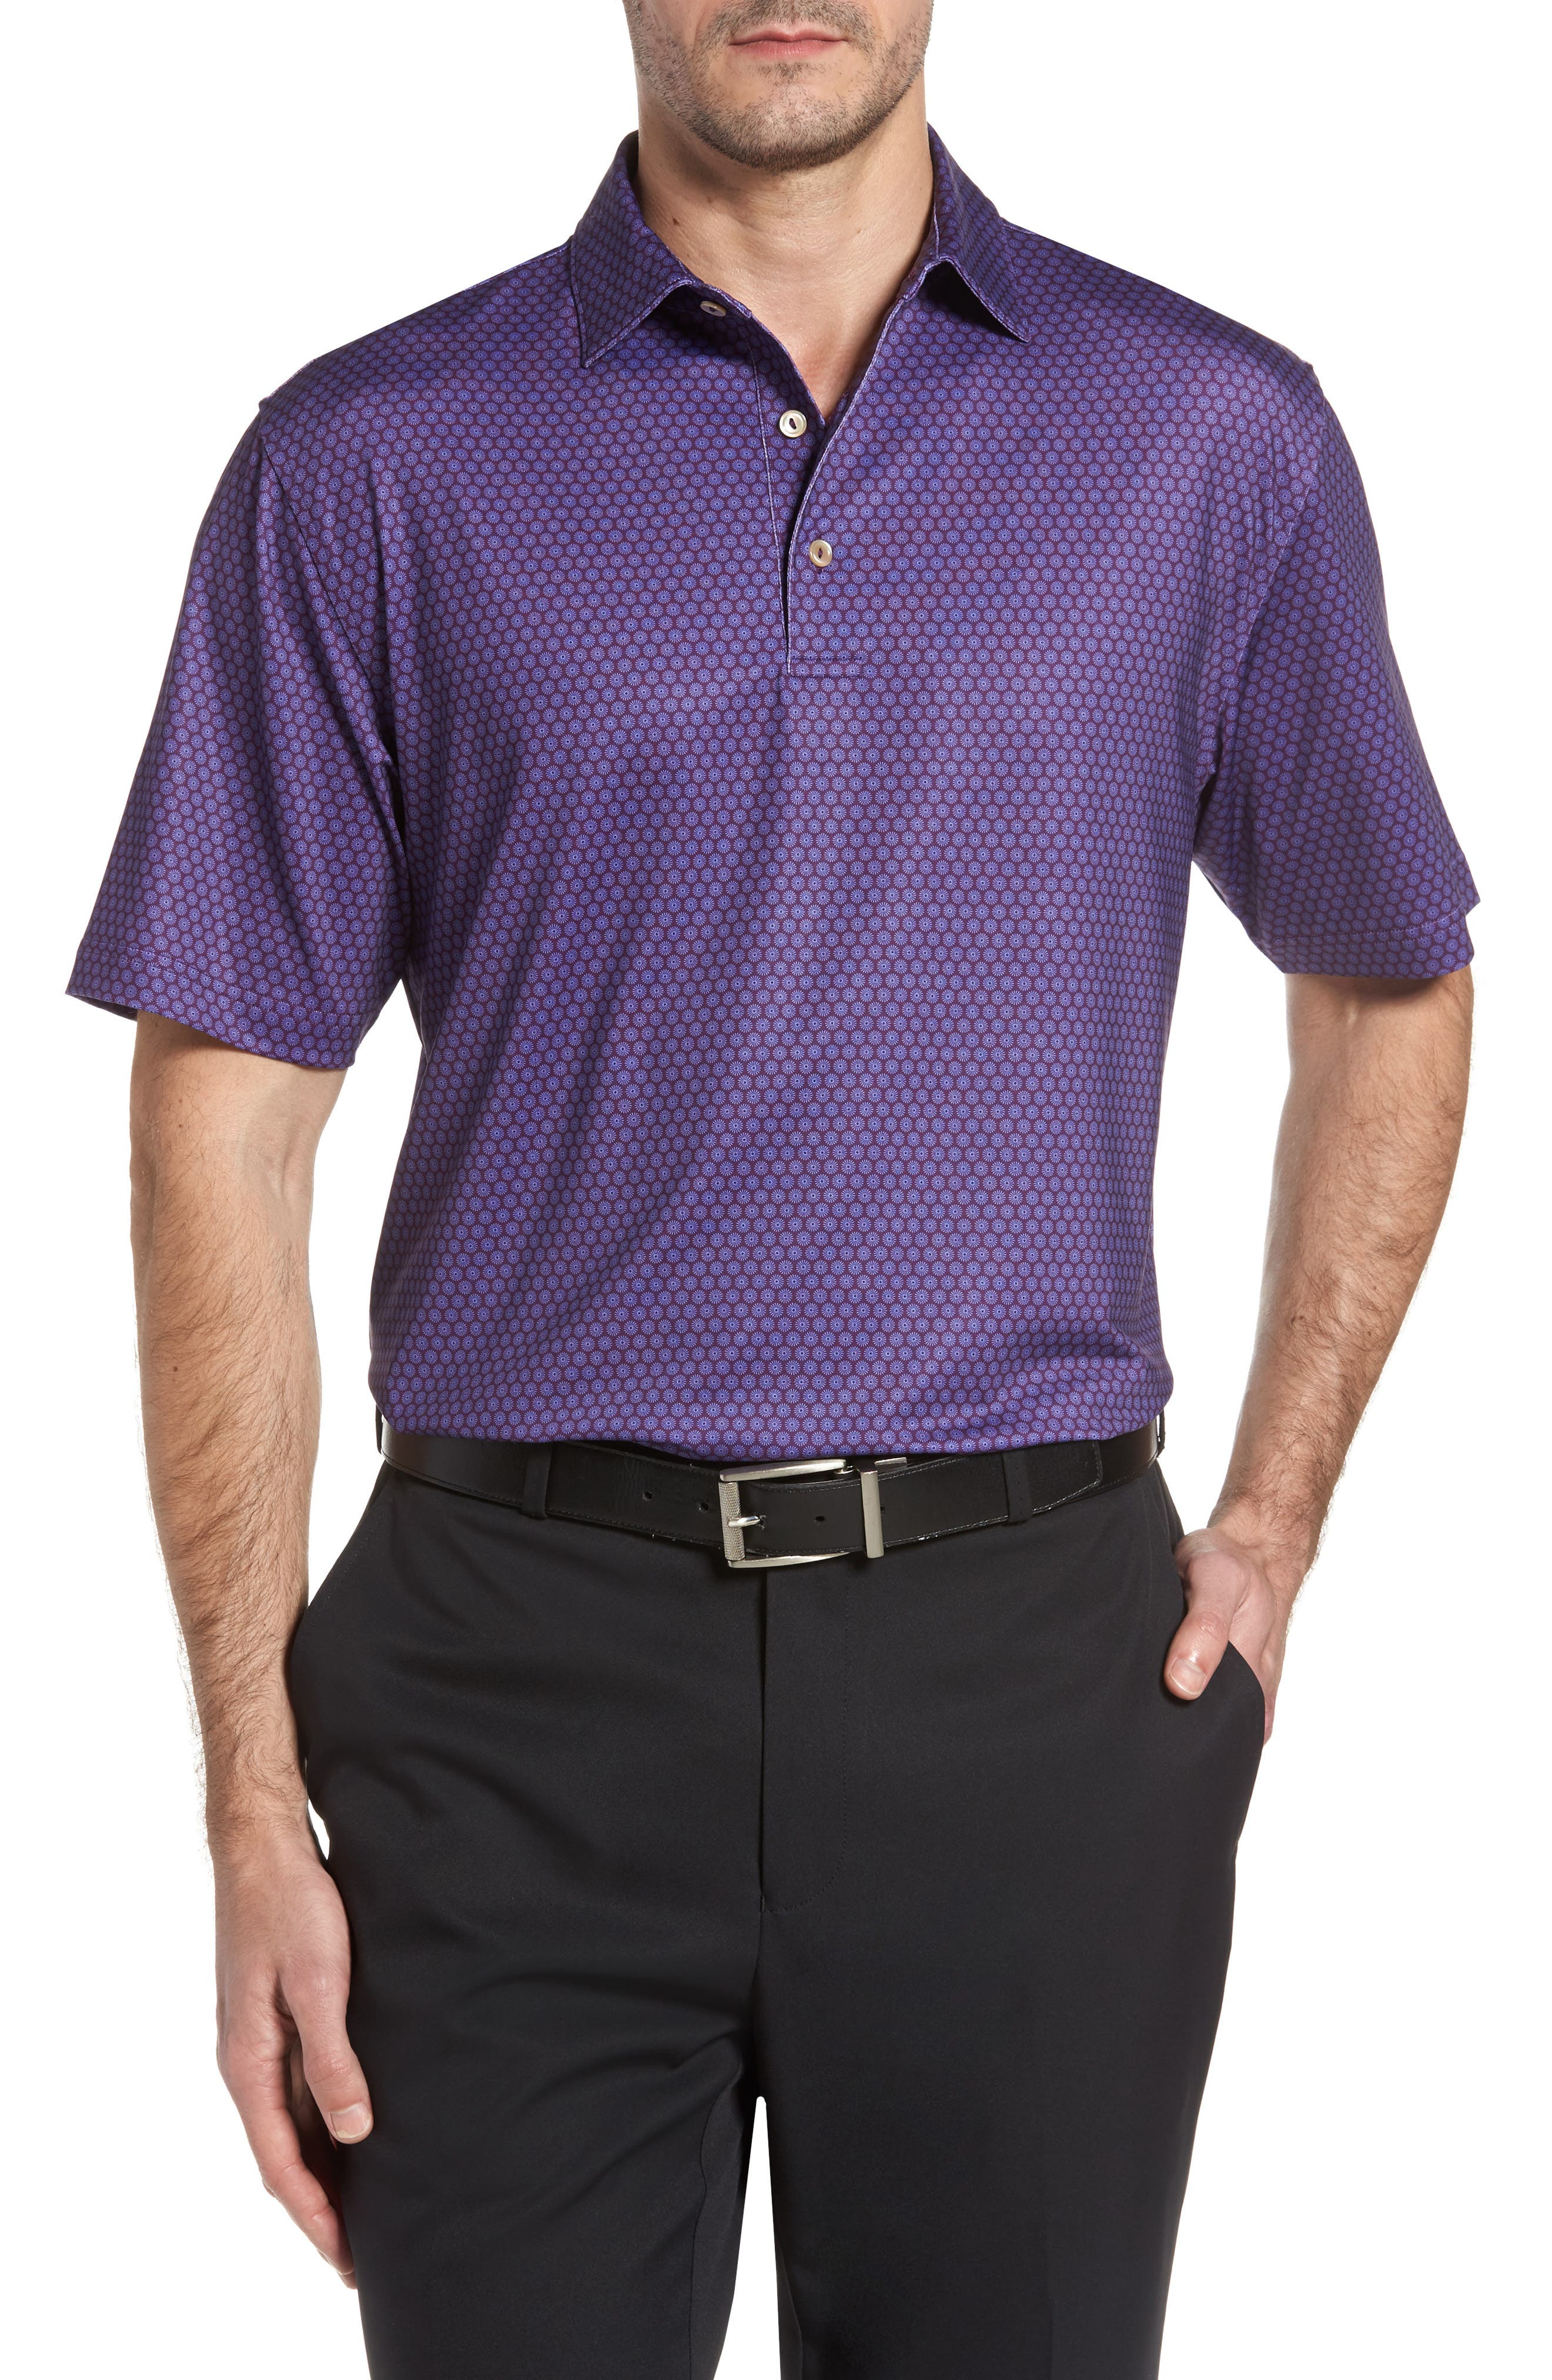 Sean Mata Sunburst Stretch Jersey Polo,                         Main,                         color, Blackberry